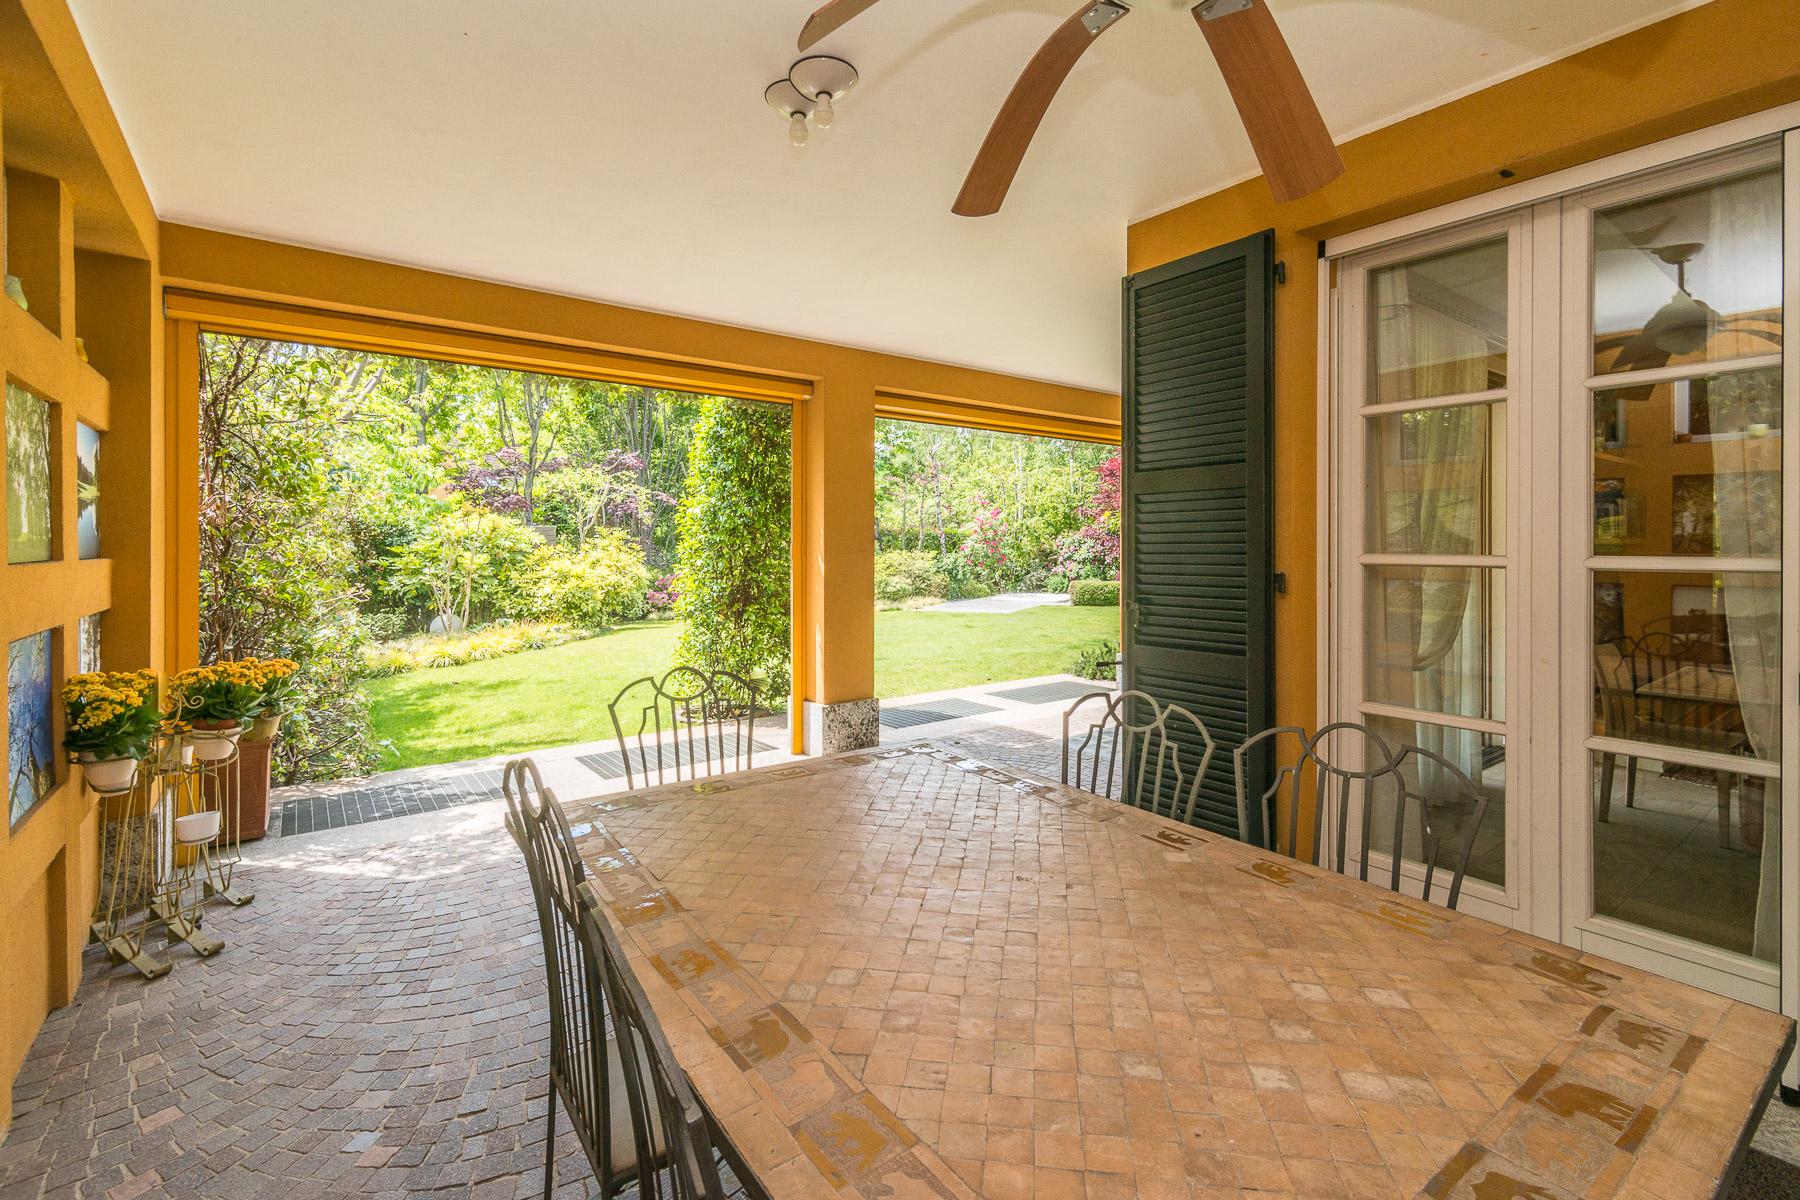 Villa in Vendita a Agrate Conturbia: 5 locali, 300 mq - Foto 9